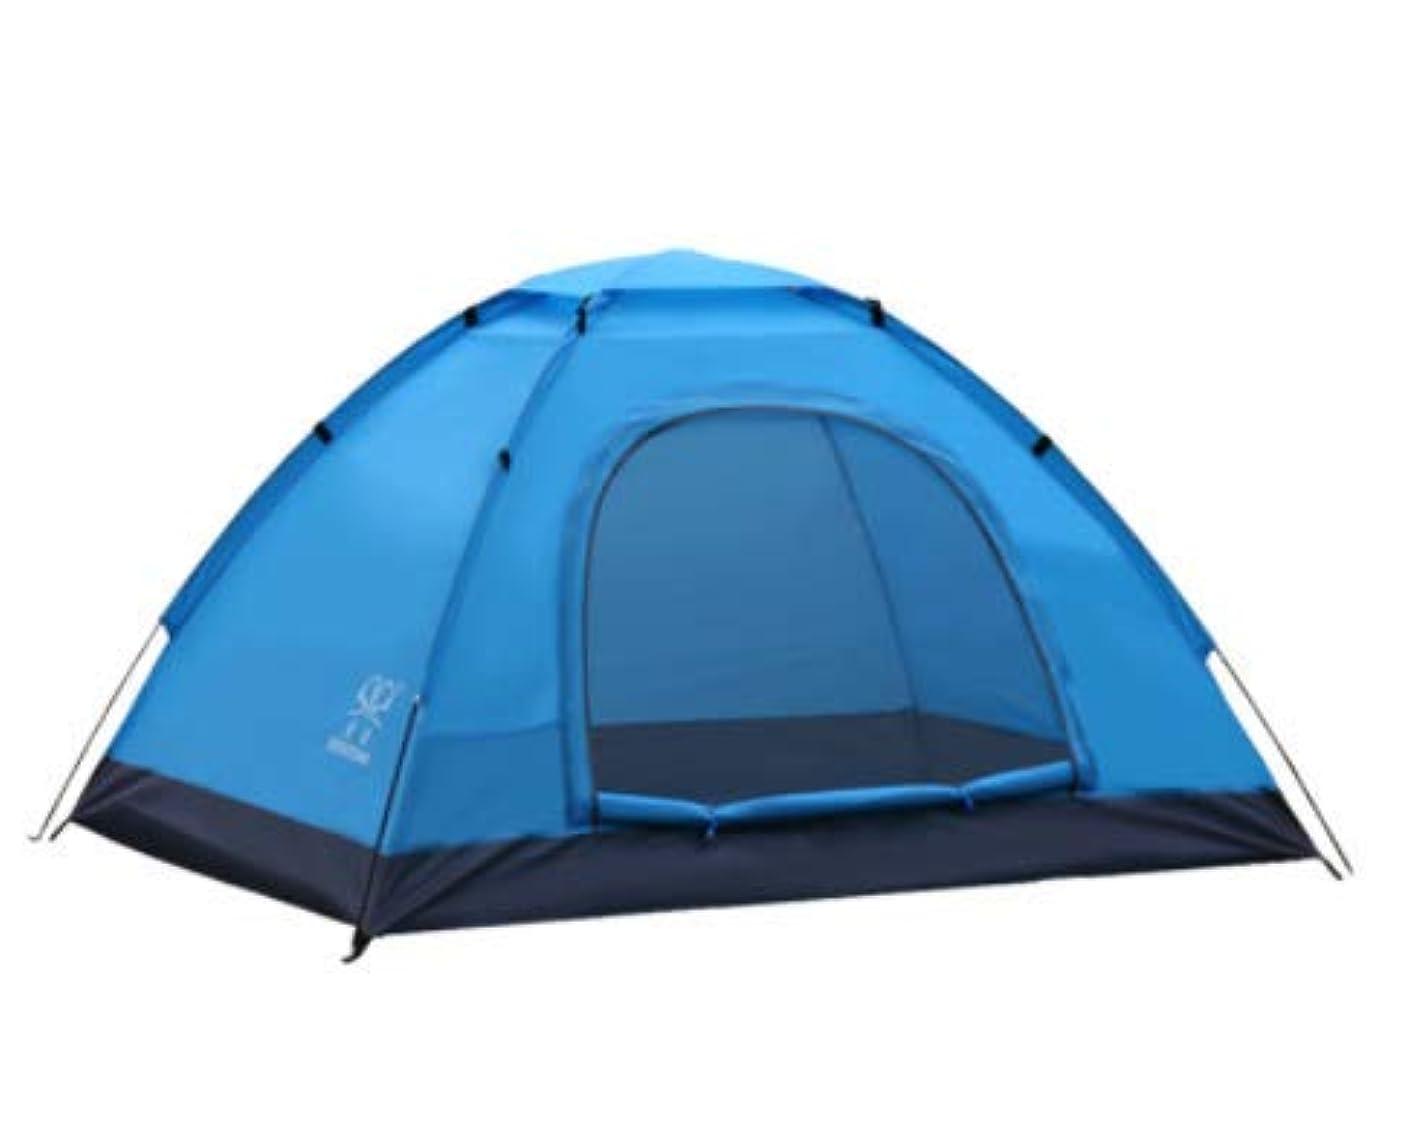 ステージ権利を与える脳LYgMV 新しい二重単層レジャーテント防雨夏の旅行に欠かせない